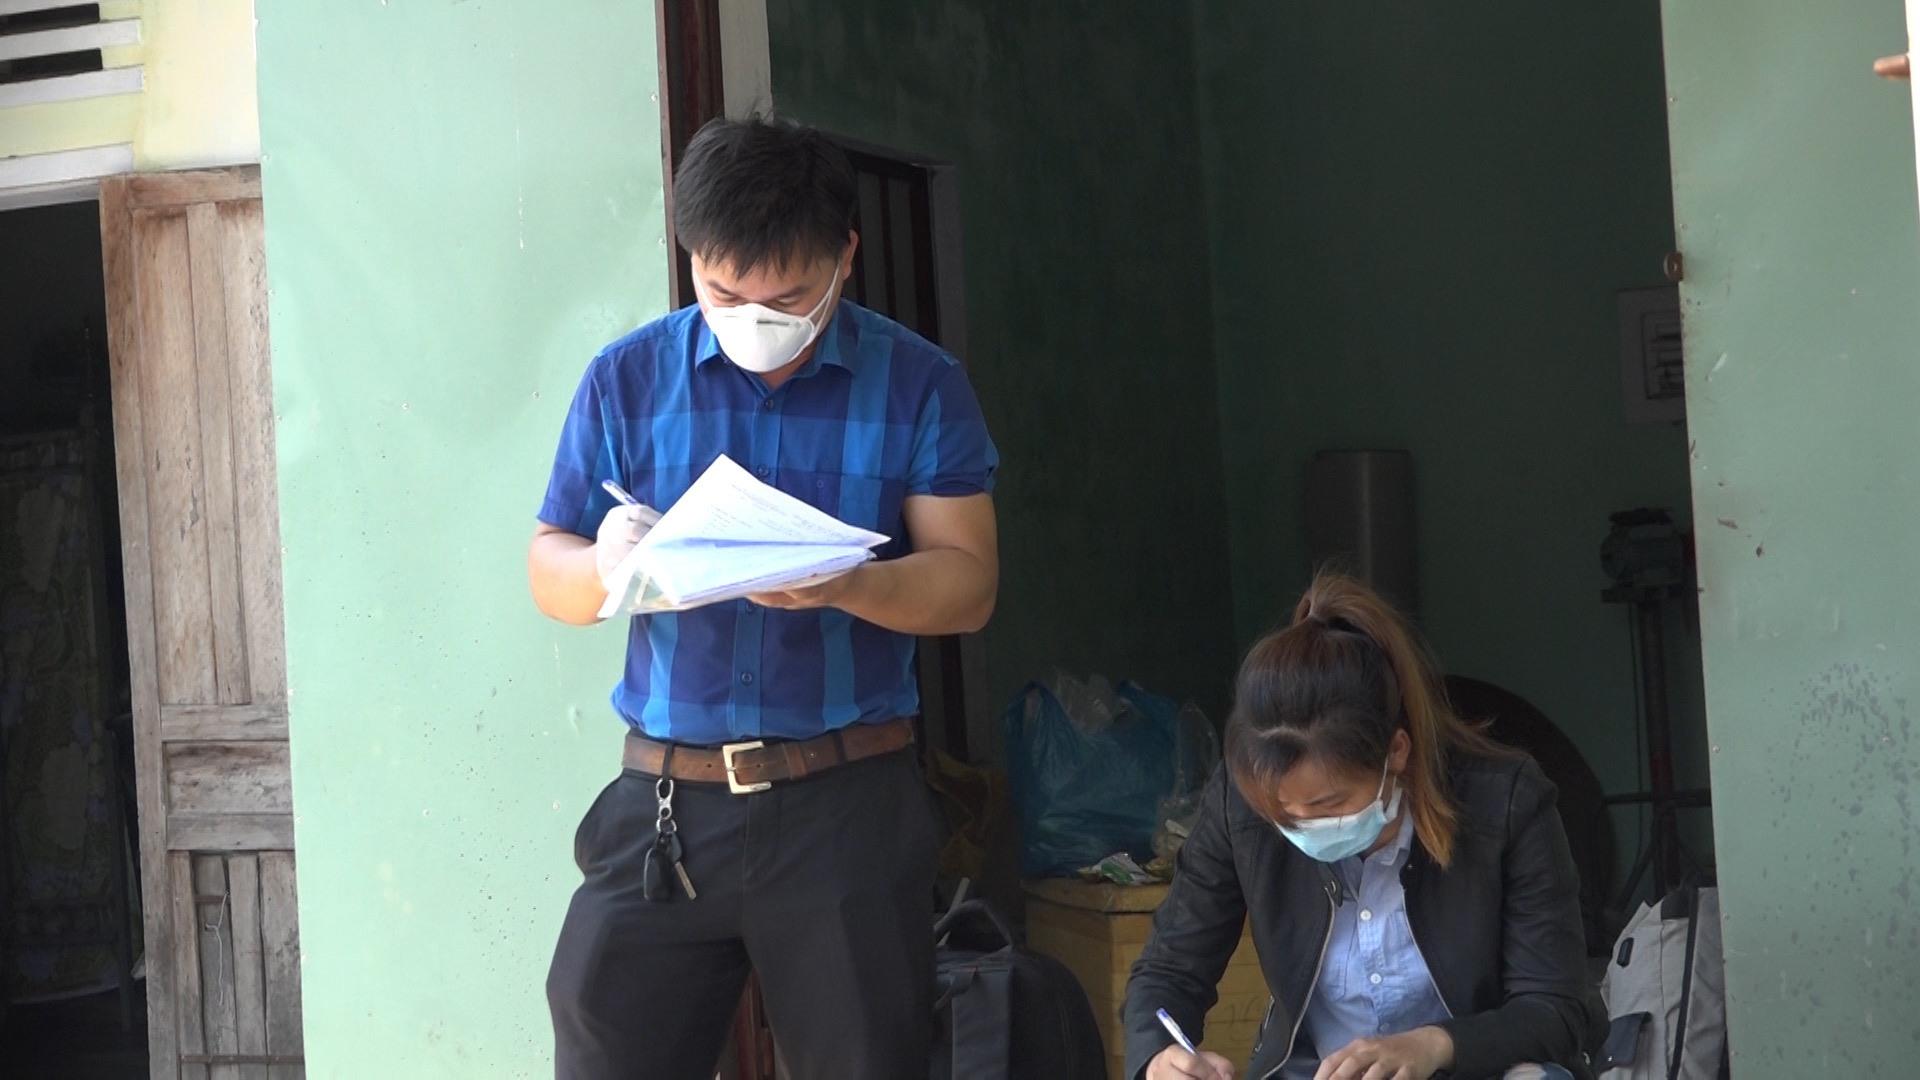 Đại diện Trung tâm Kiểm soát bệnh tật Quảng Nam tiến hành lấy thông tin đối với chị N.T.T.T. Ảnh: BIÊN THỰC